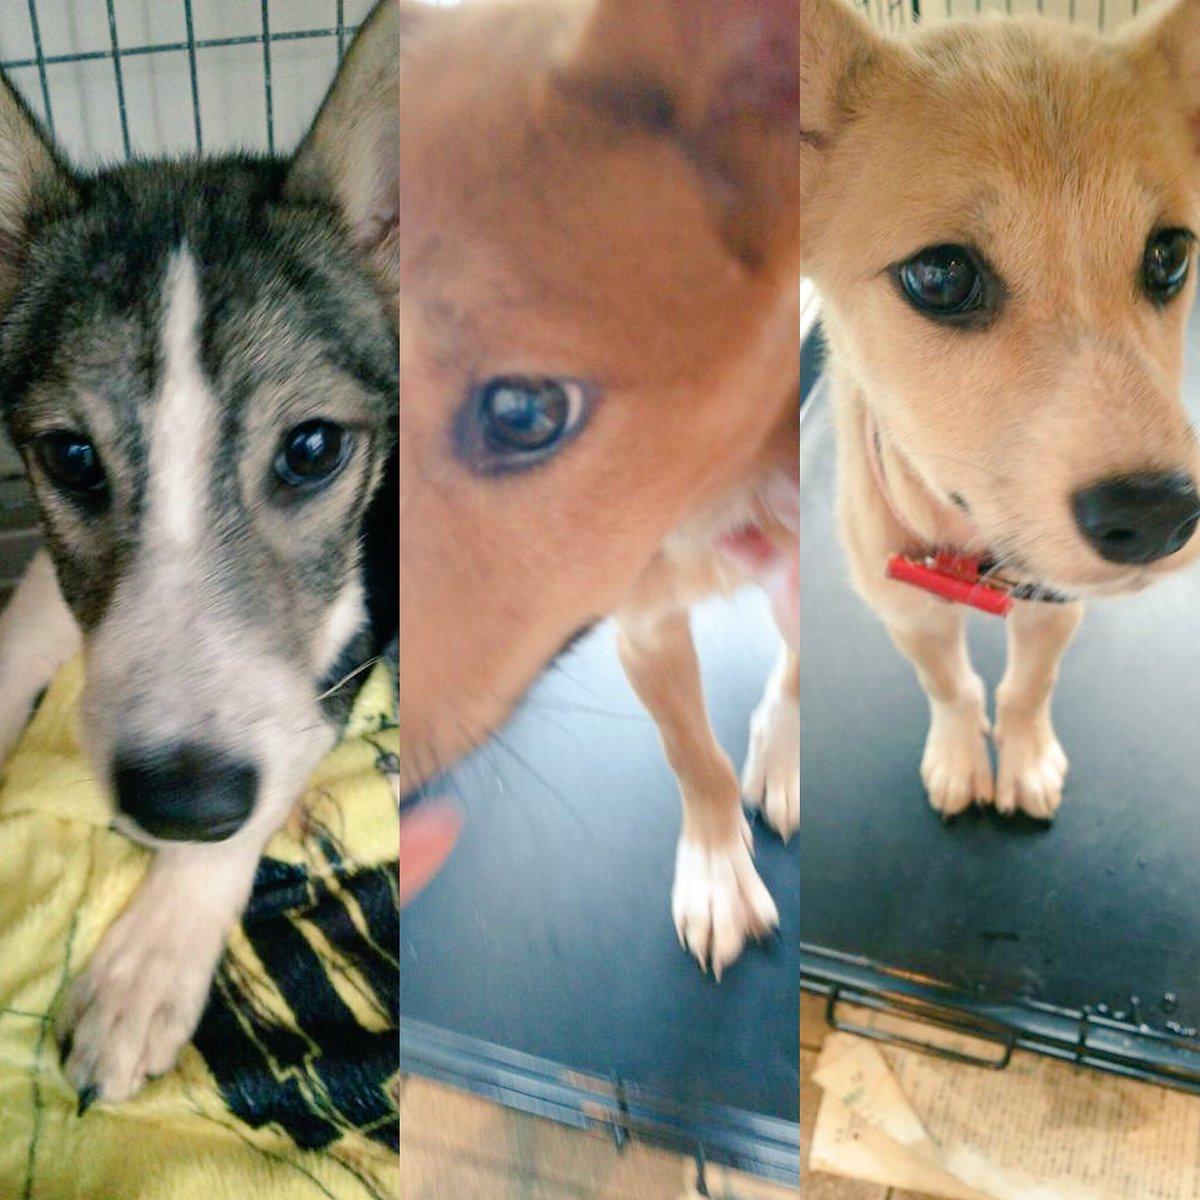 被災地熊本からやってきたとっても可愛い仔犬や仔猫たち。都会に来ておっかなびっくりな子たちを優しくお世話してくださる預かりボラさんを大募集中! 《一時預かりボランティア》https://t.co/aIK1jf7oCA https://t.co/Gv8yRvLNzK